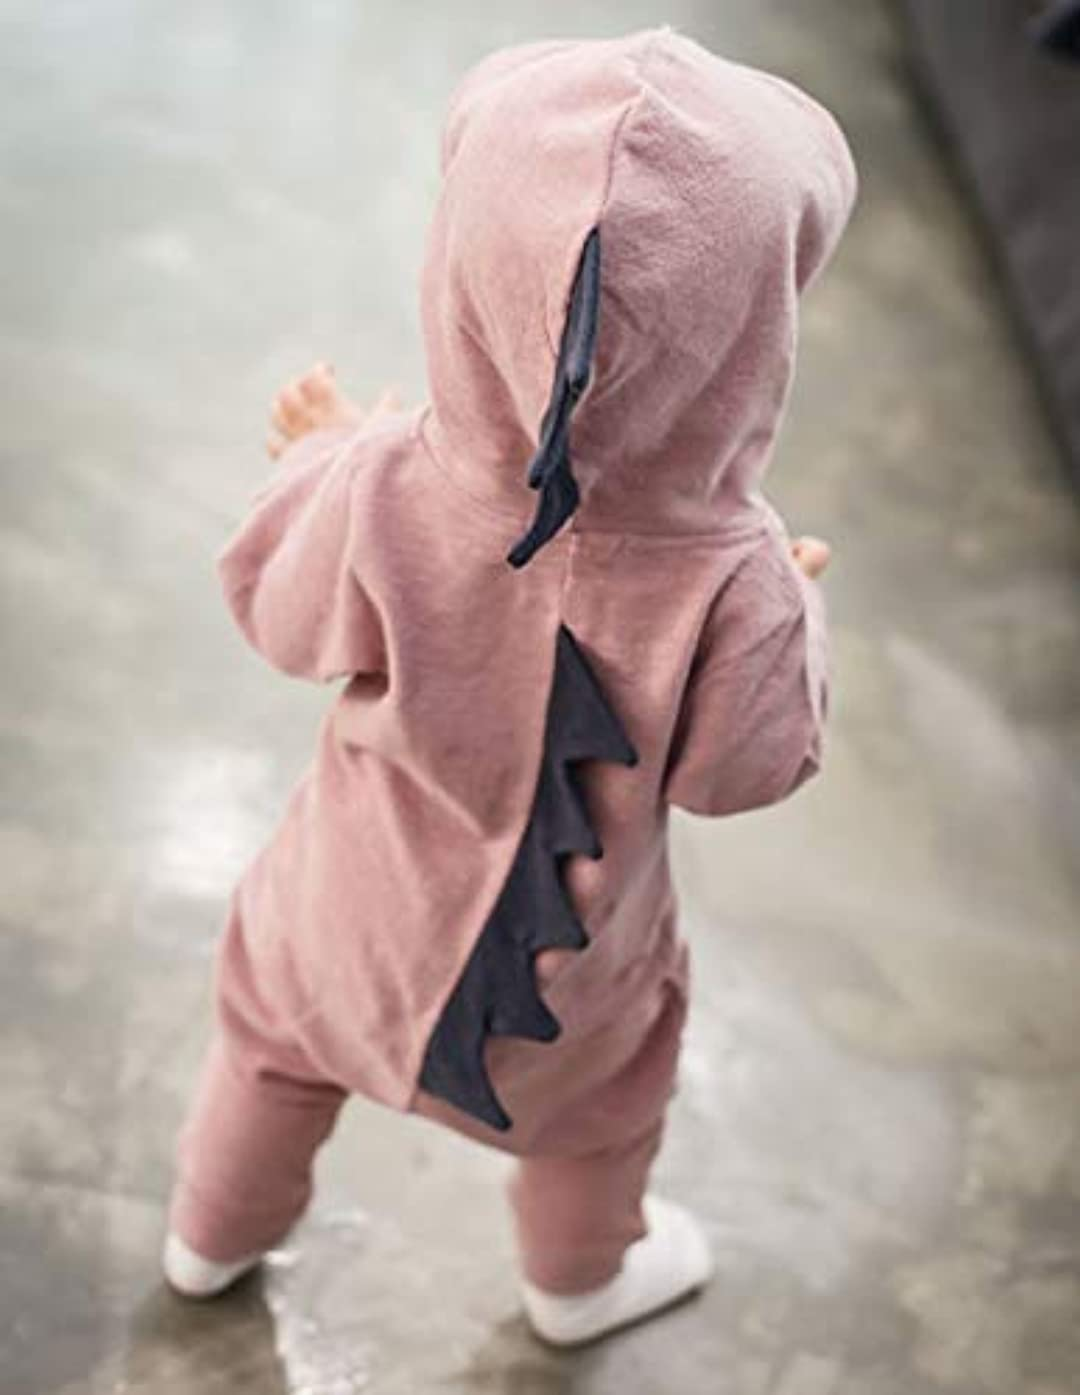 共和党あさり状況Quner 着ぐるみ パジャマ 動物衣装 ベビー着ぐるみ 恐竜着ぐるみ 恐竜 動物パジャマ 動物仮装衣装 子供 赤ちゃん ベビー用 寝巻き